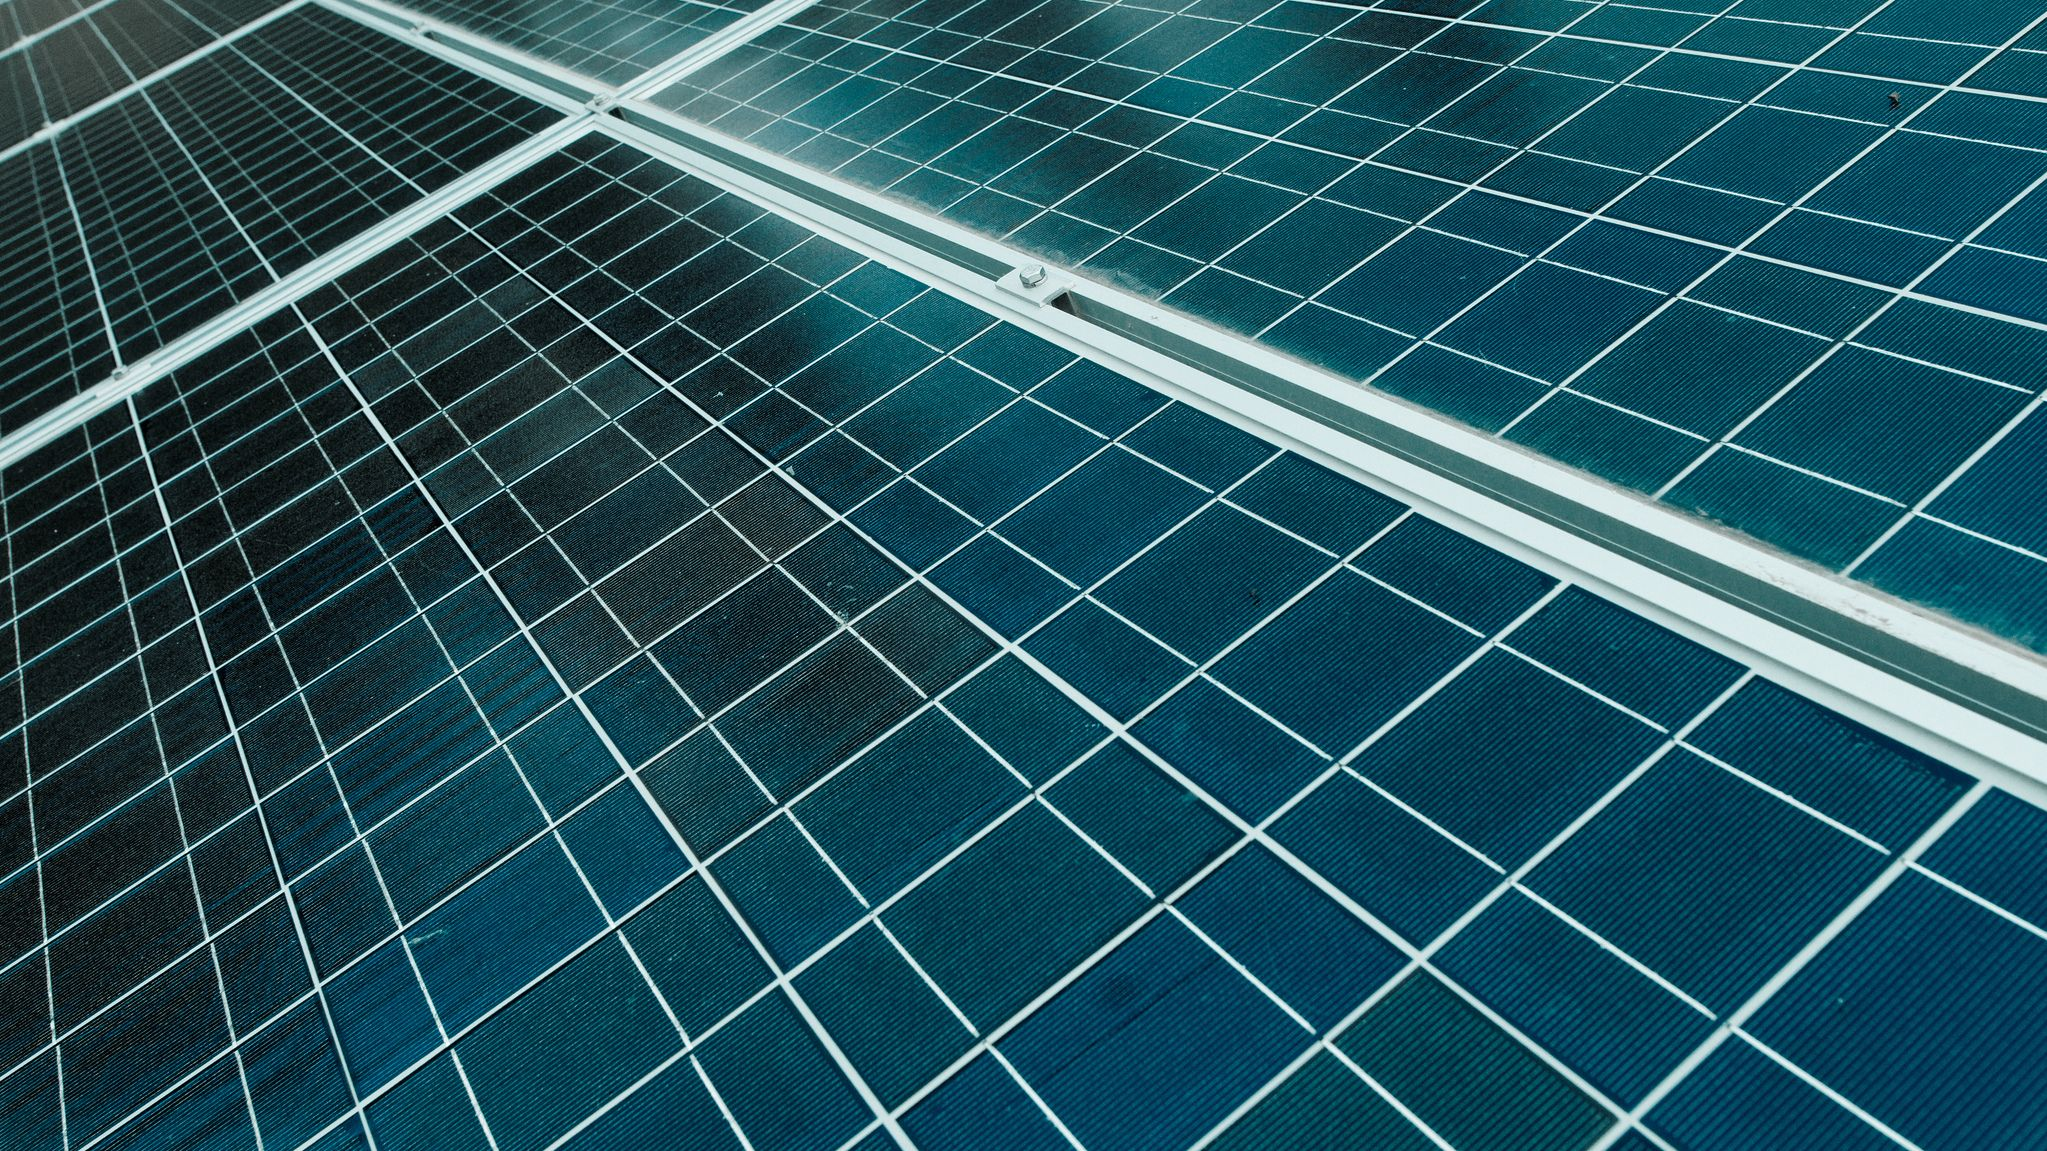 行き過ぎた太陽光発電、カリフォルニア州の憂鬱